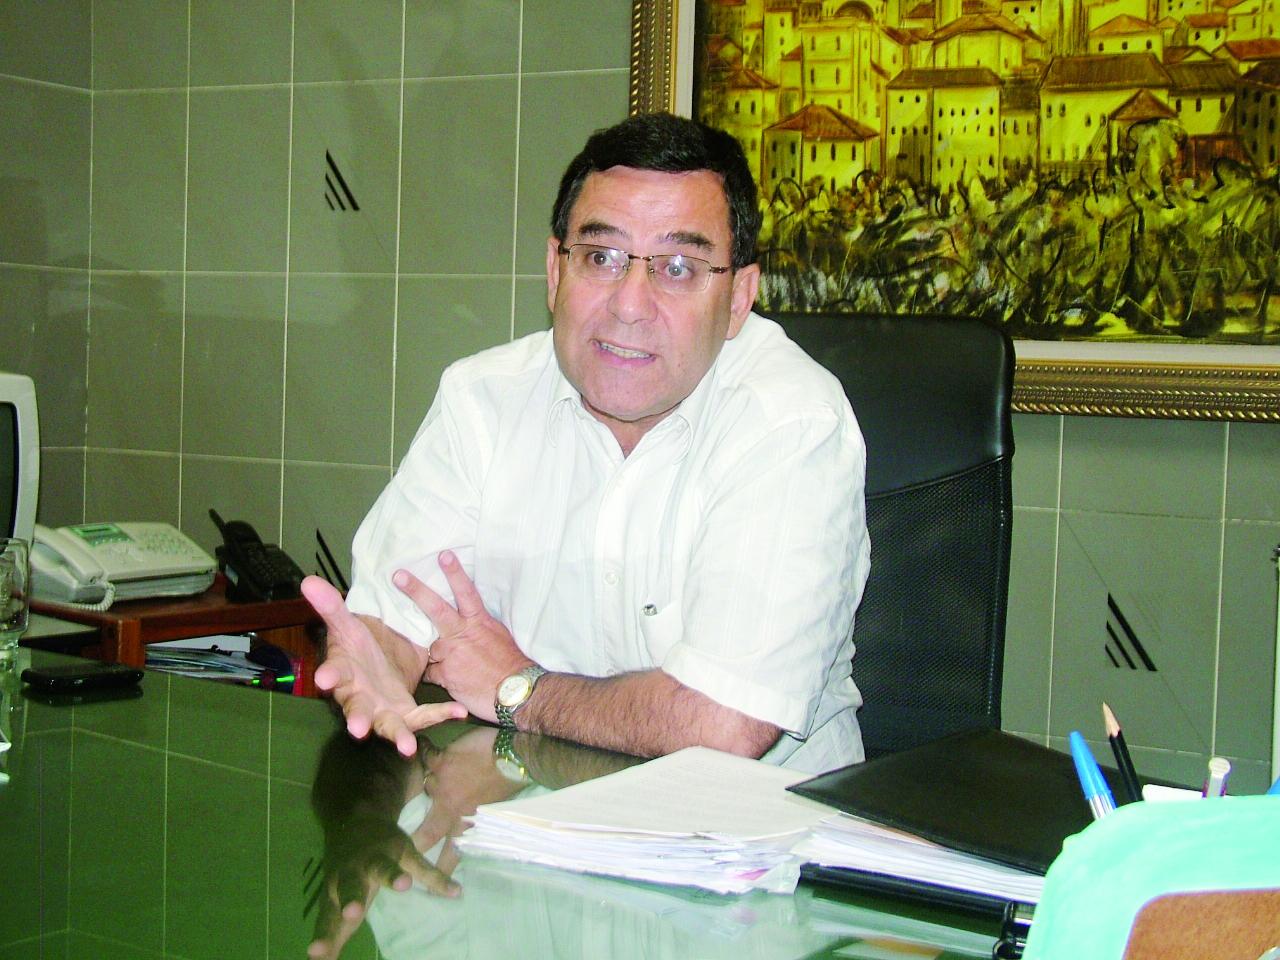 O prefeito Márcio Siqueira voltou ao cargo após ficar oito meses afastado; o tucano reassumiu a Prefeitura na tarde desta sexta-feira (Foto: Rafael Rodrigues)